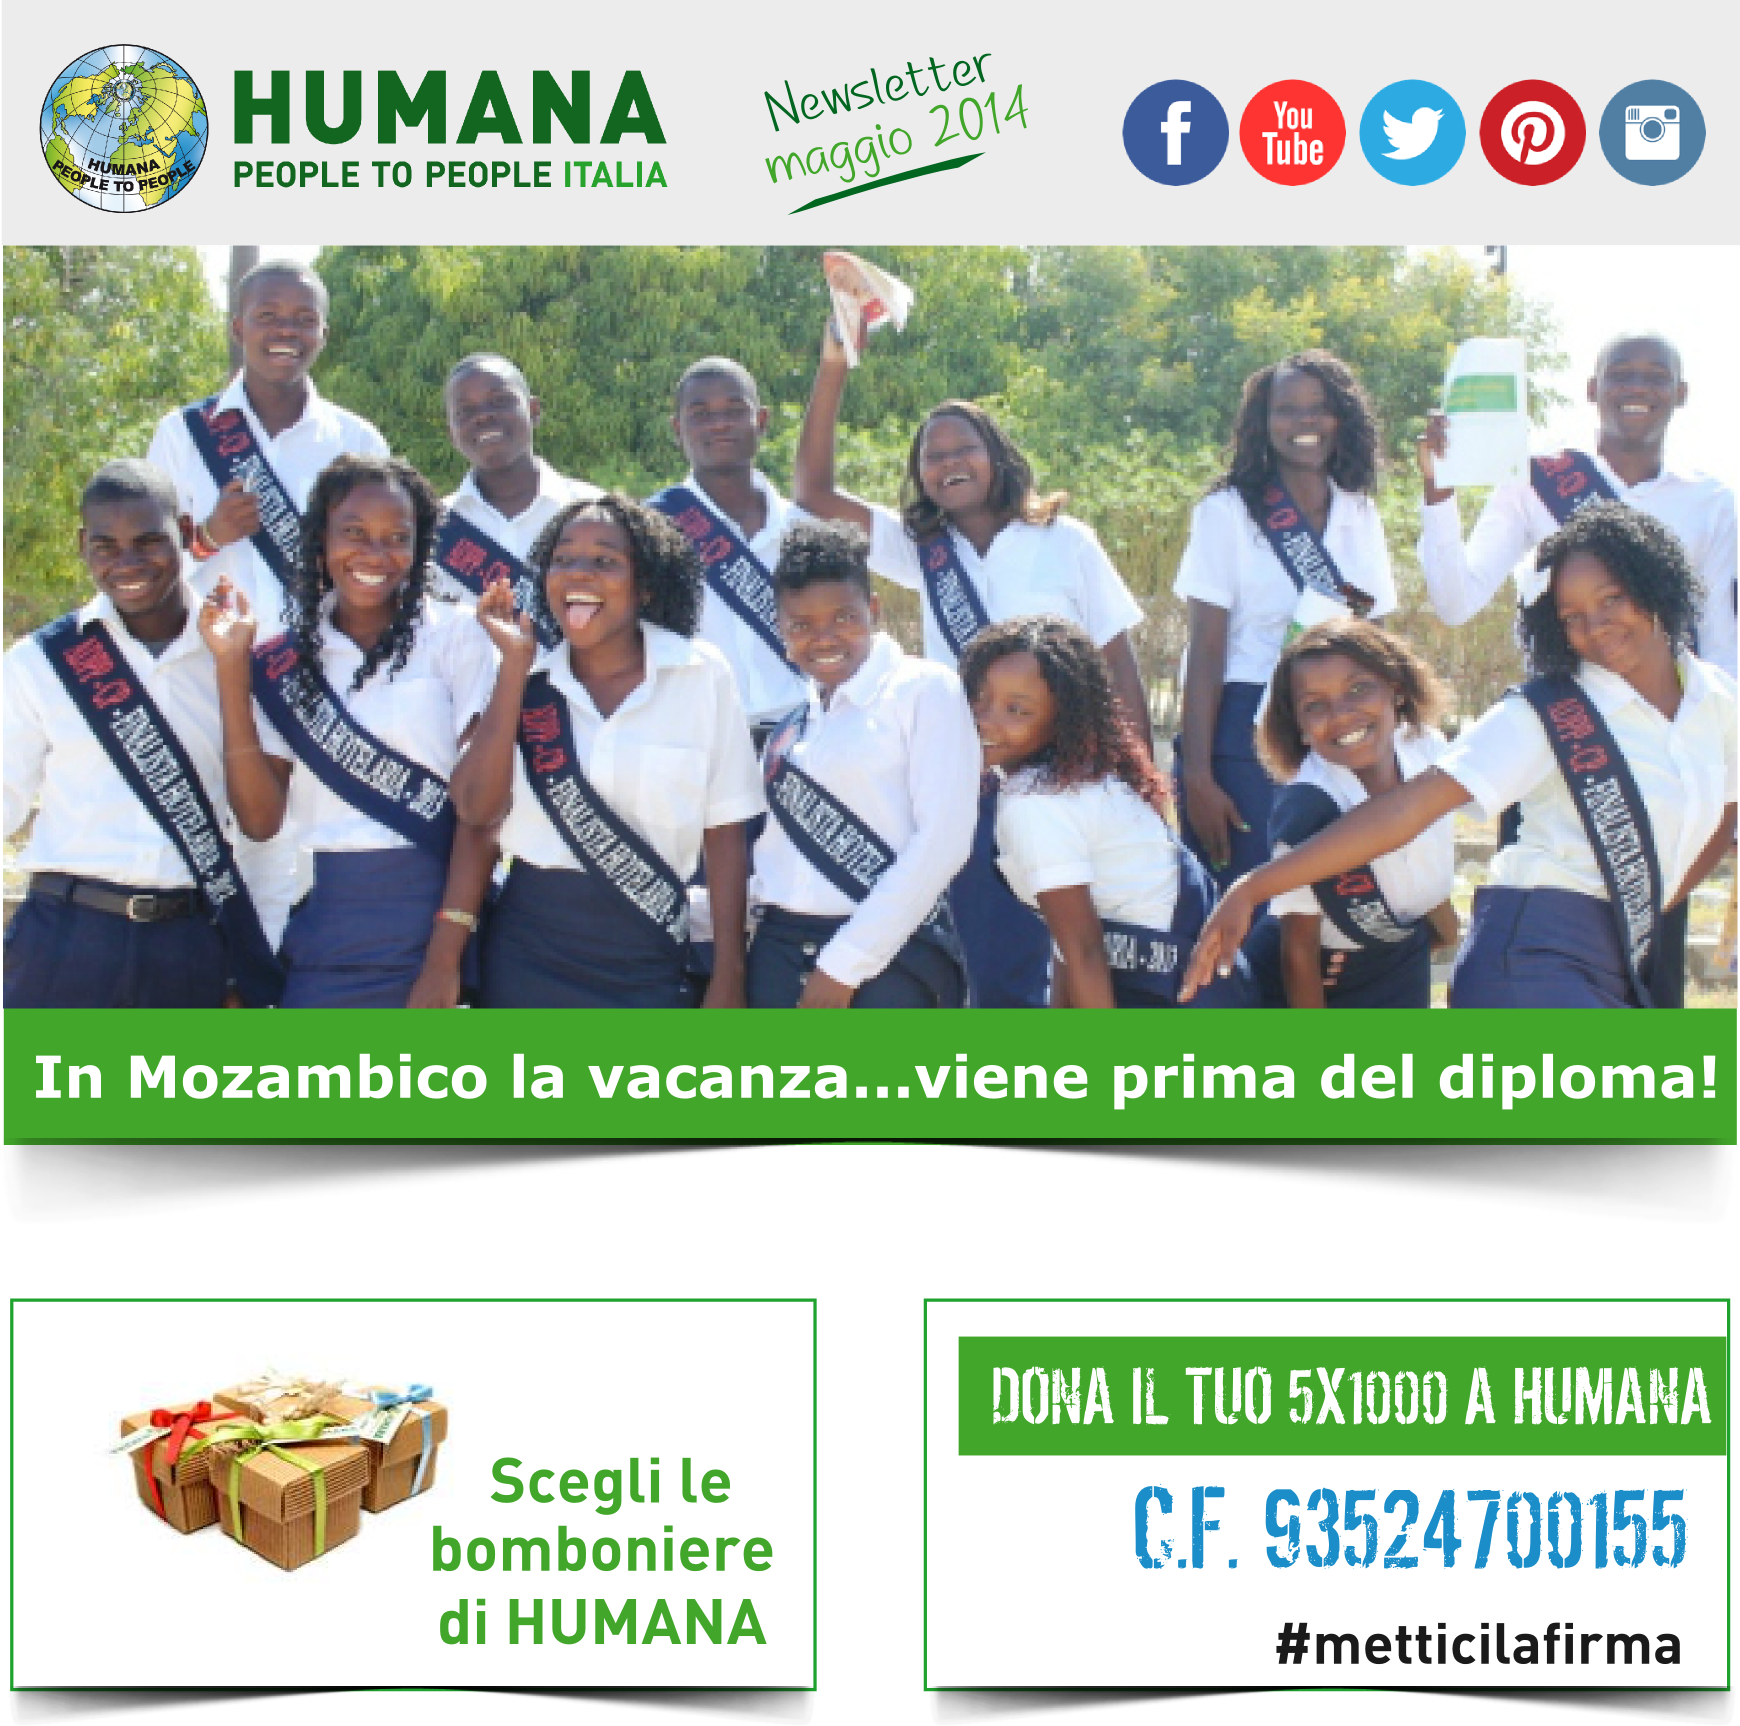 In Mozambico la vacanza viene prima del diploma!